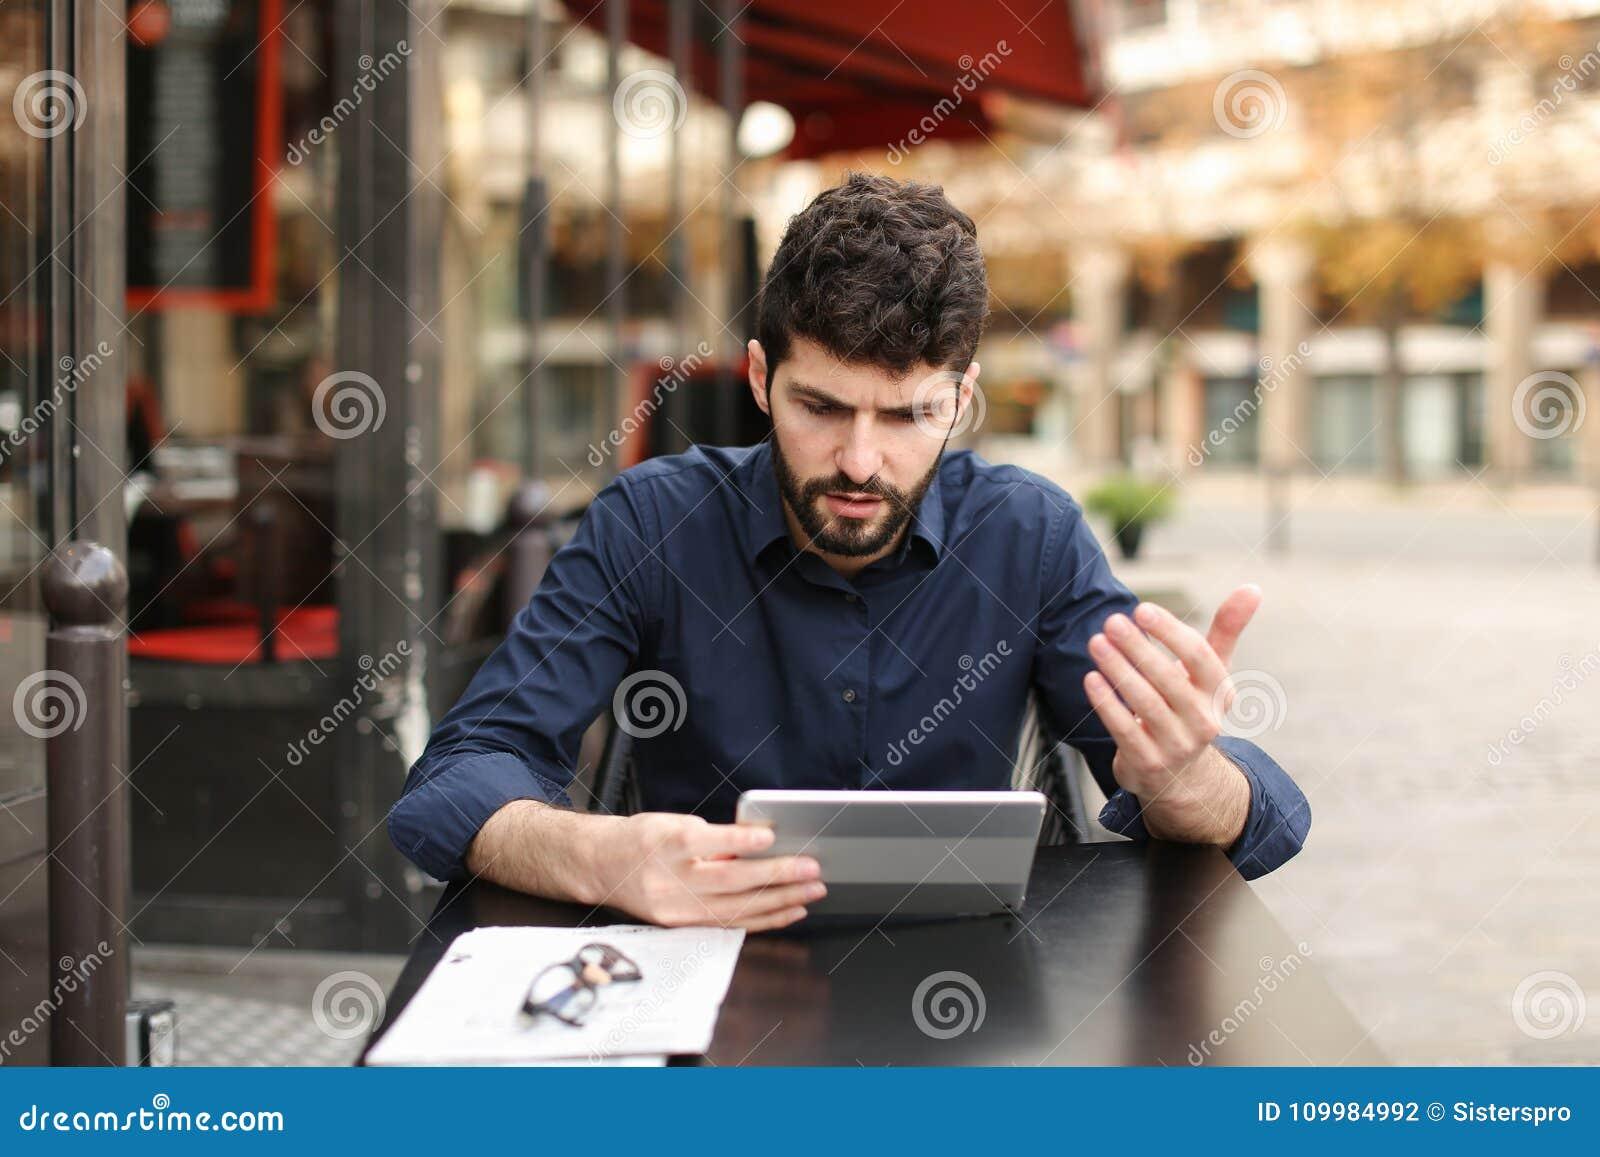 game online Adult internet